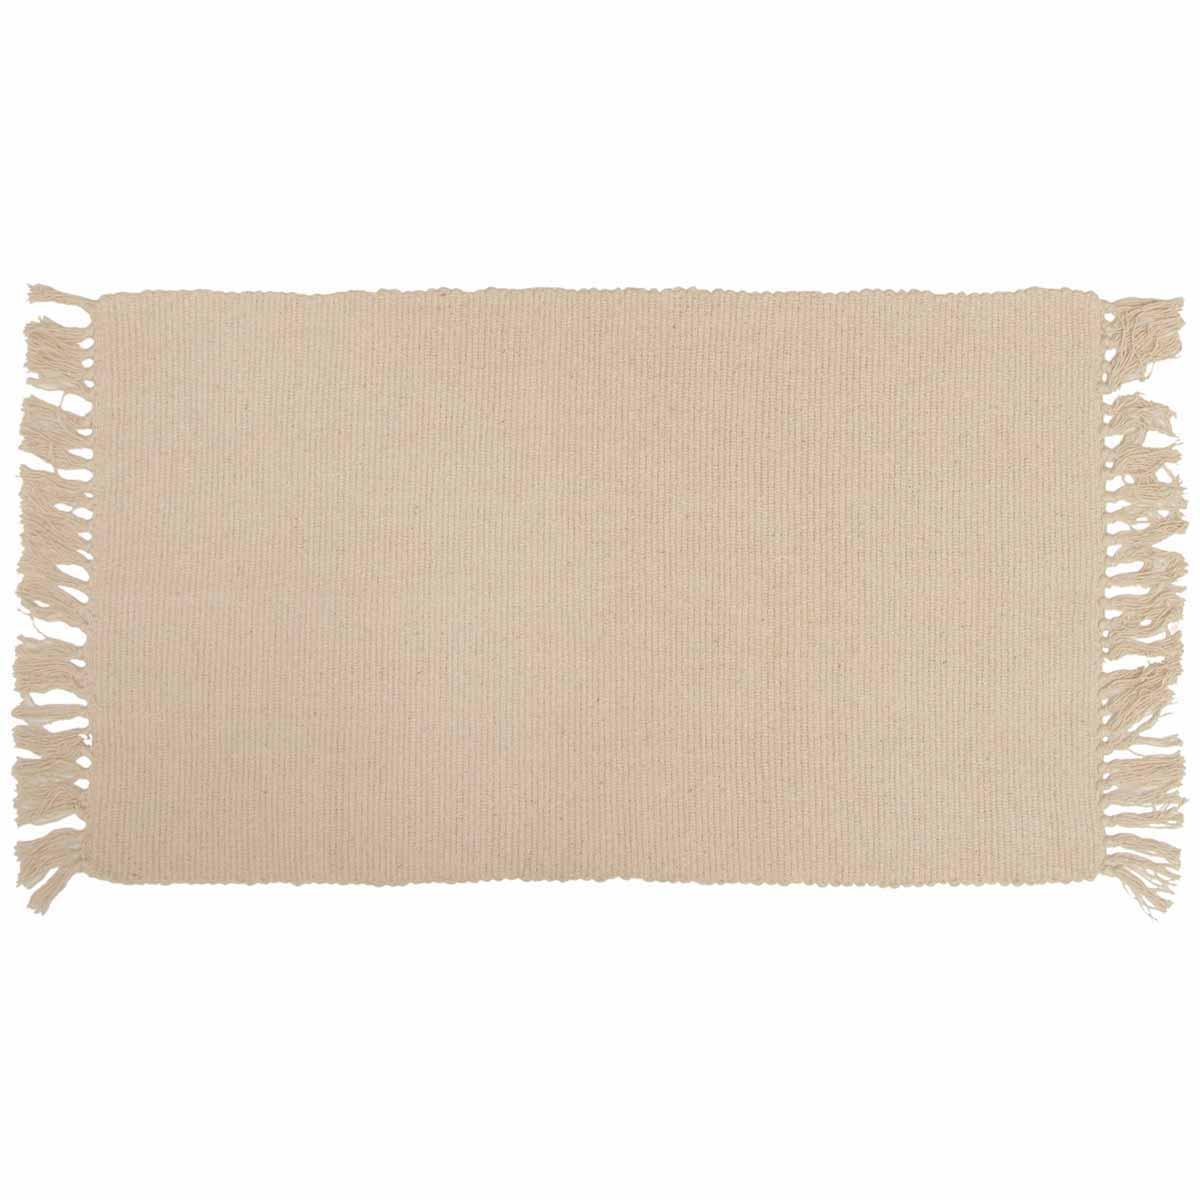 Χαλί Διαδρόμου (65×135) Viopros Ρίβα Άμμος